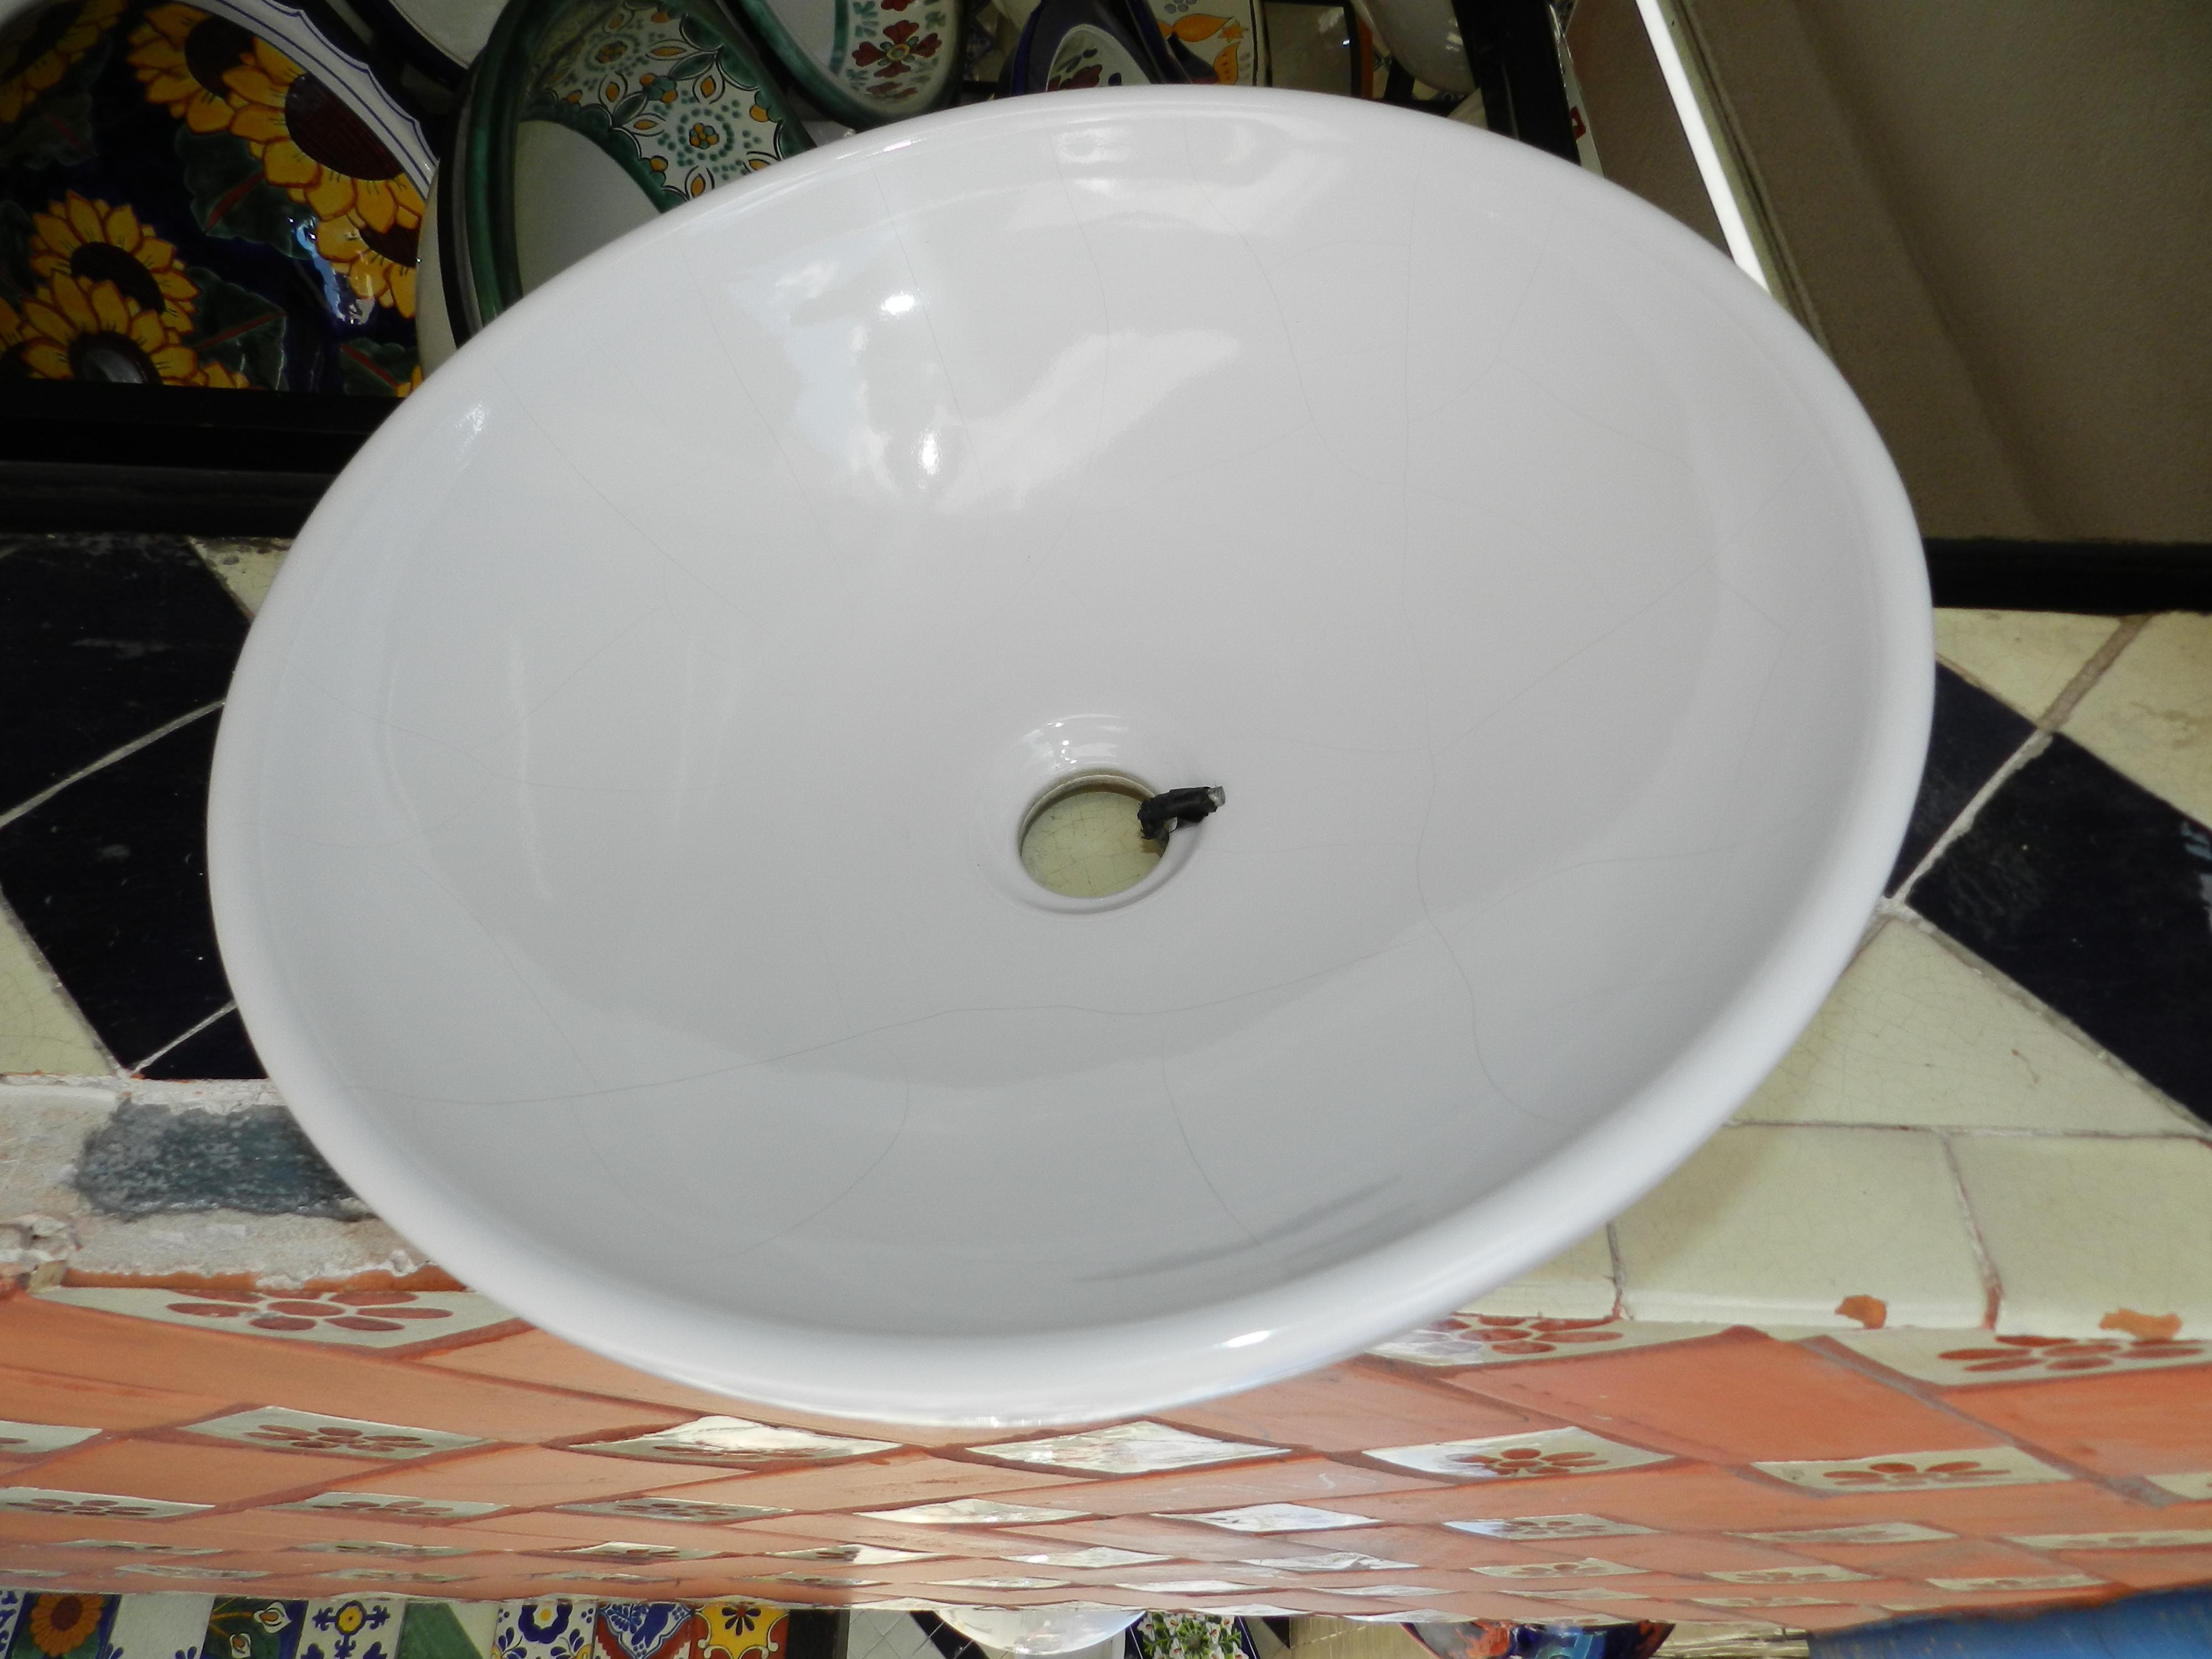 Ovalin Linea Blanca 8